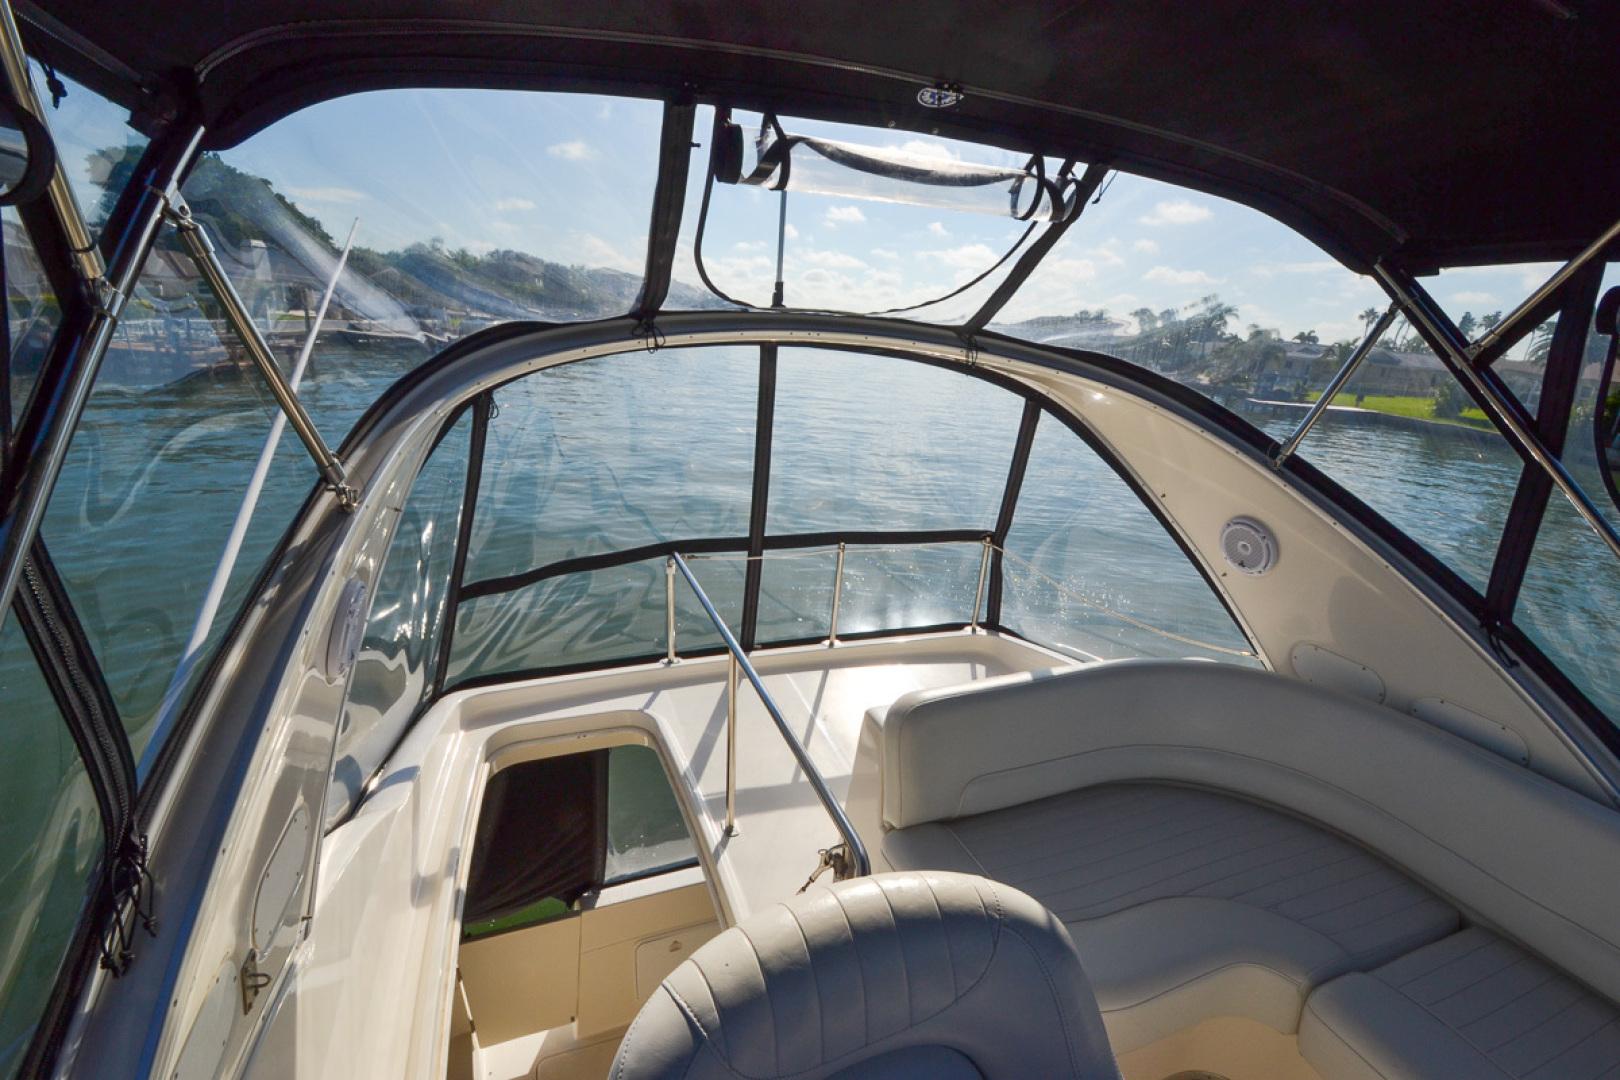 Meridian-341 Sedan 2004-Sea Harmony Belleair Beach-Florida-United States-1496620 | Thumbnail